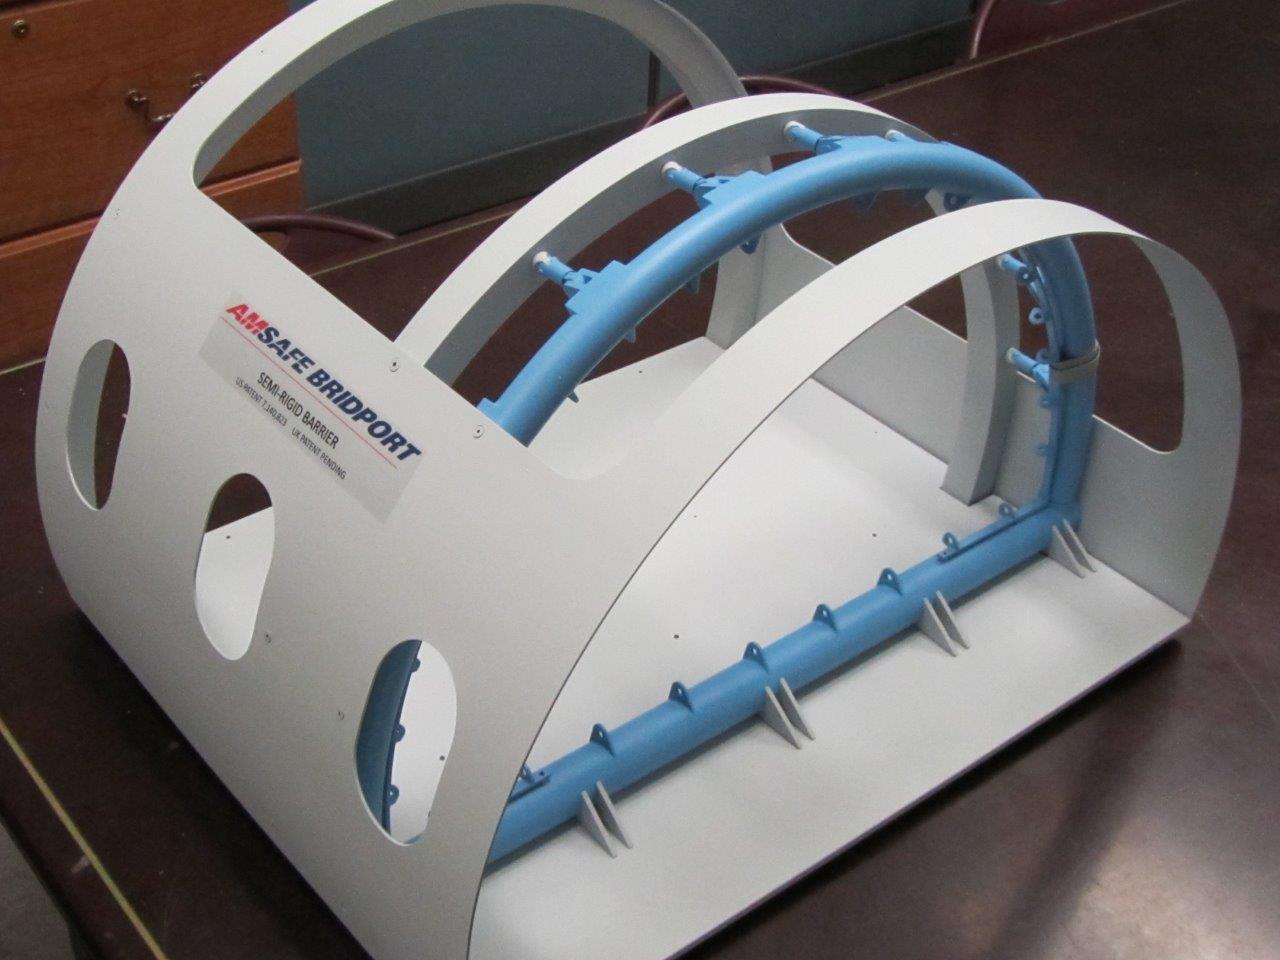 airplane fuselage model